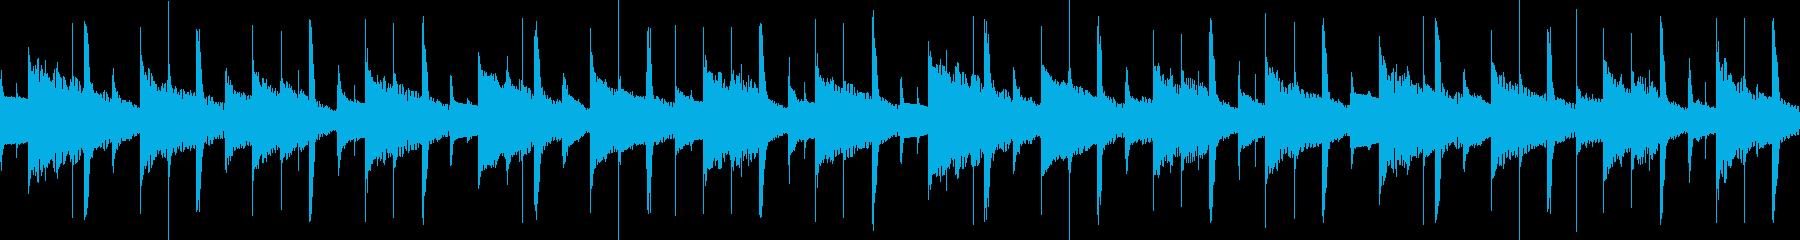 ローファイで優しくゆったりとした曲の再生済みの波形